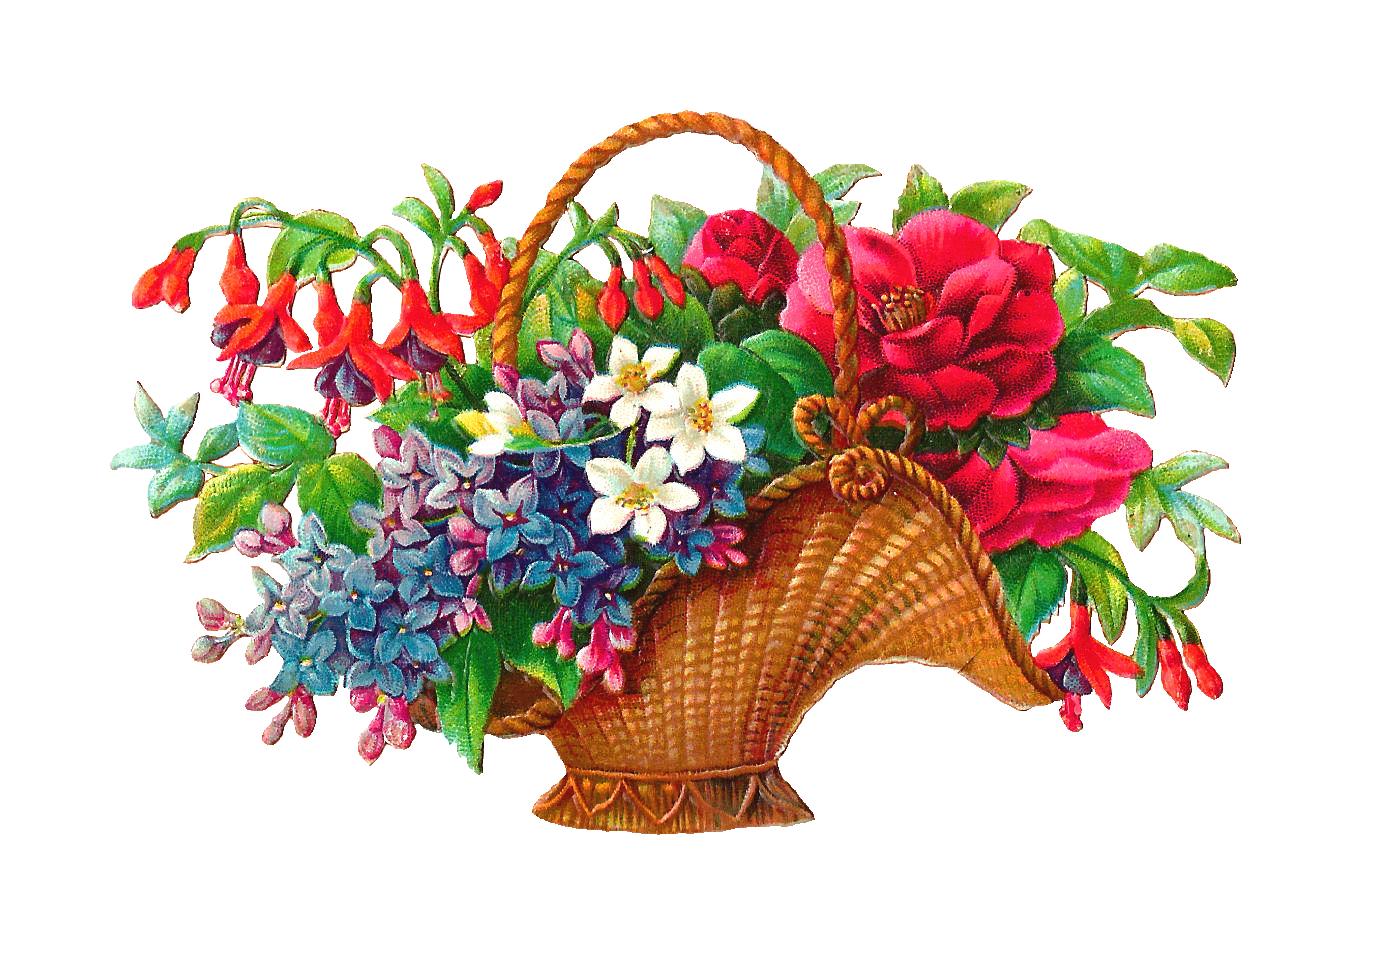 flower_basket_4_brwn_2png.png